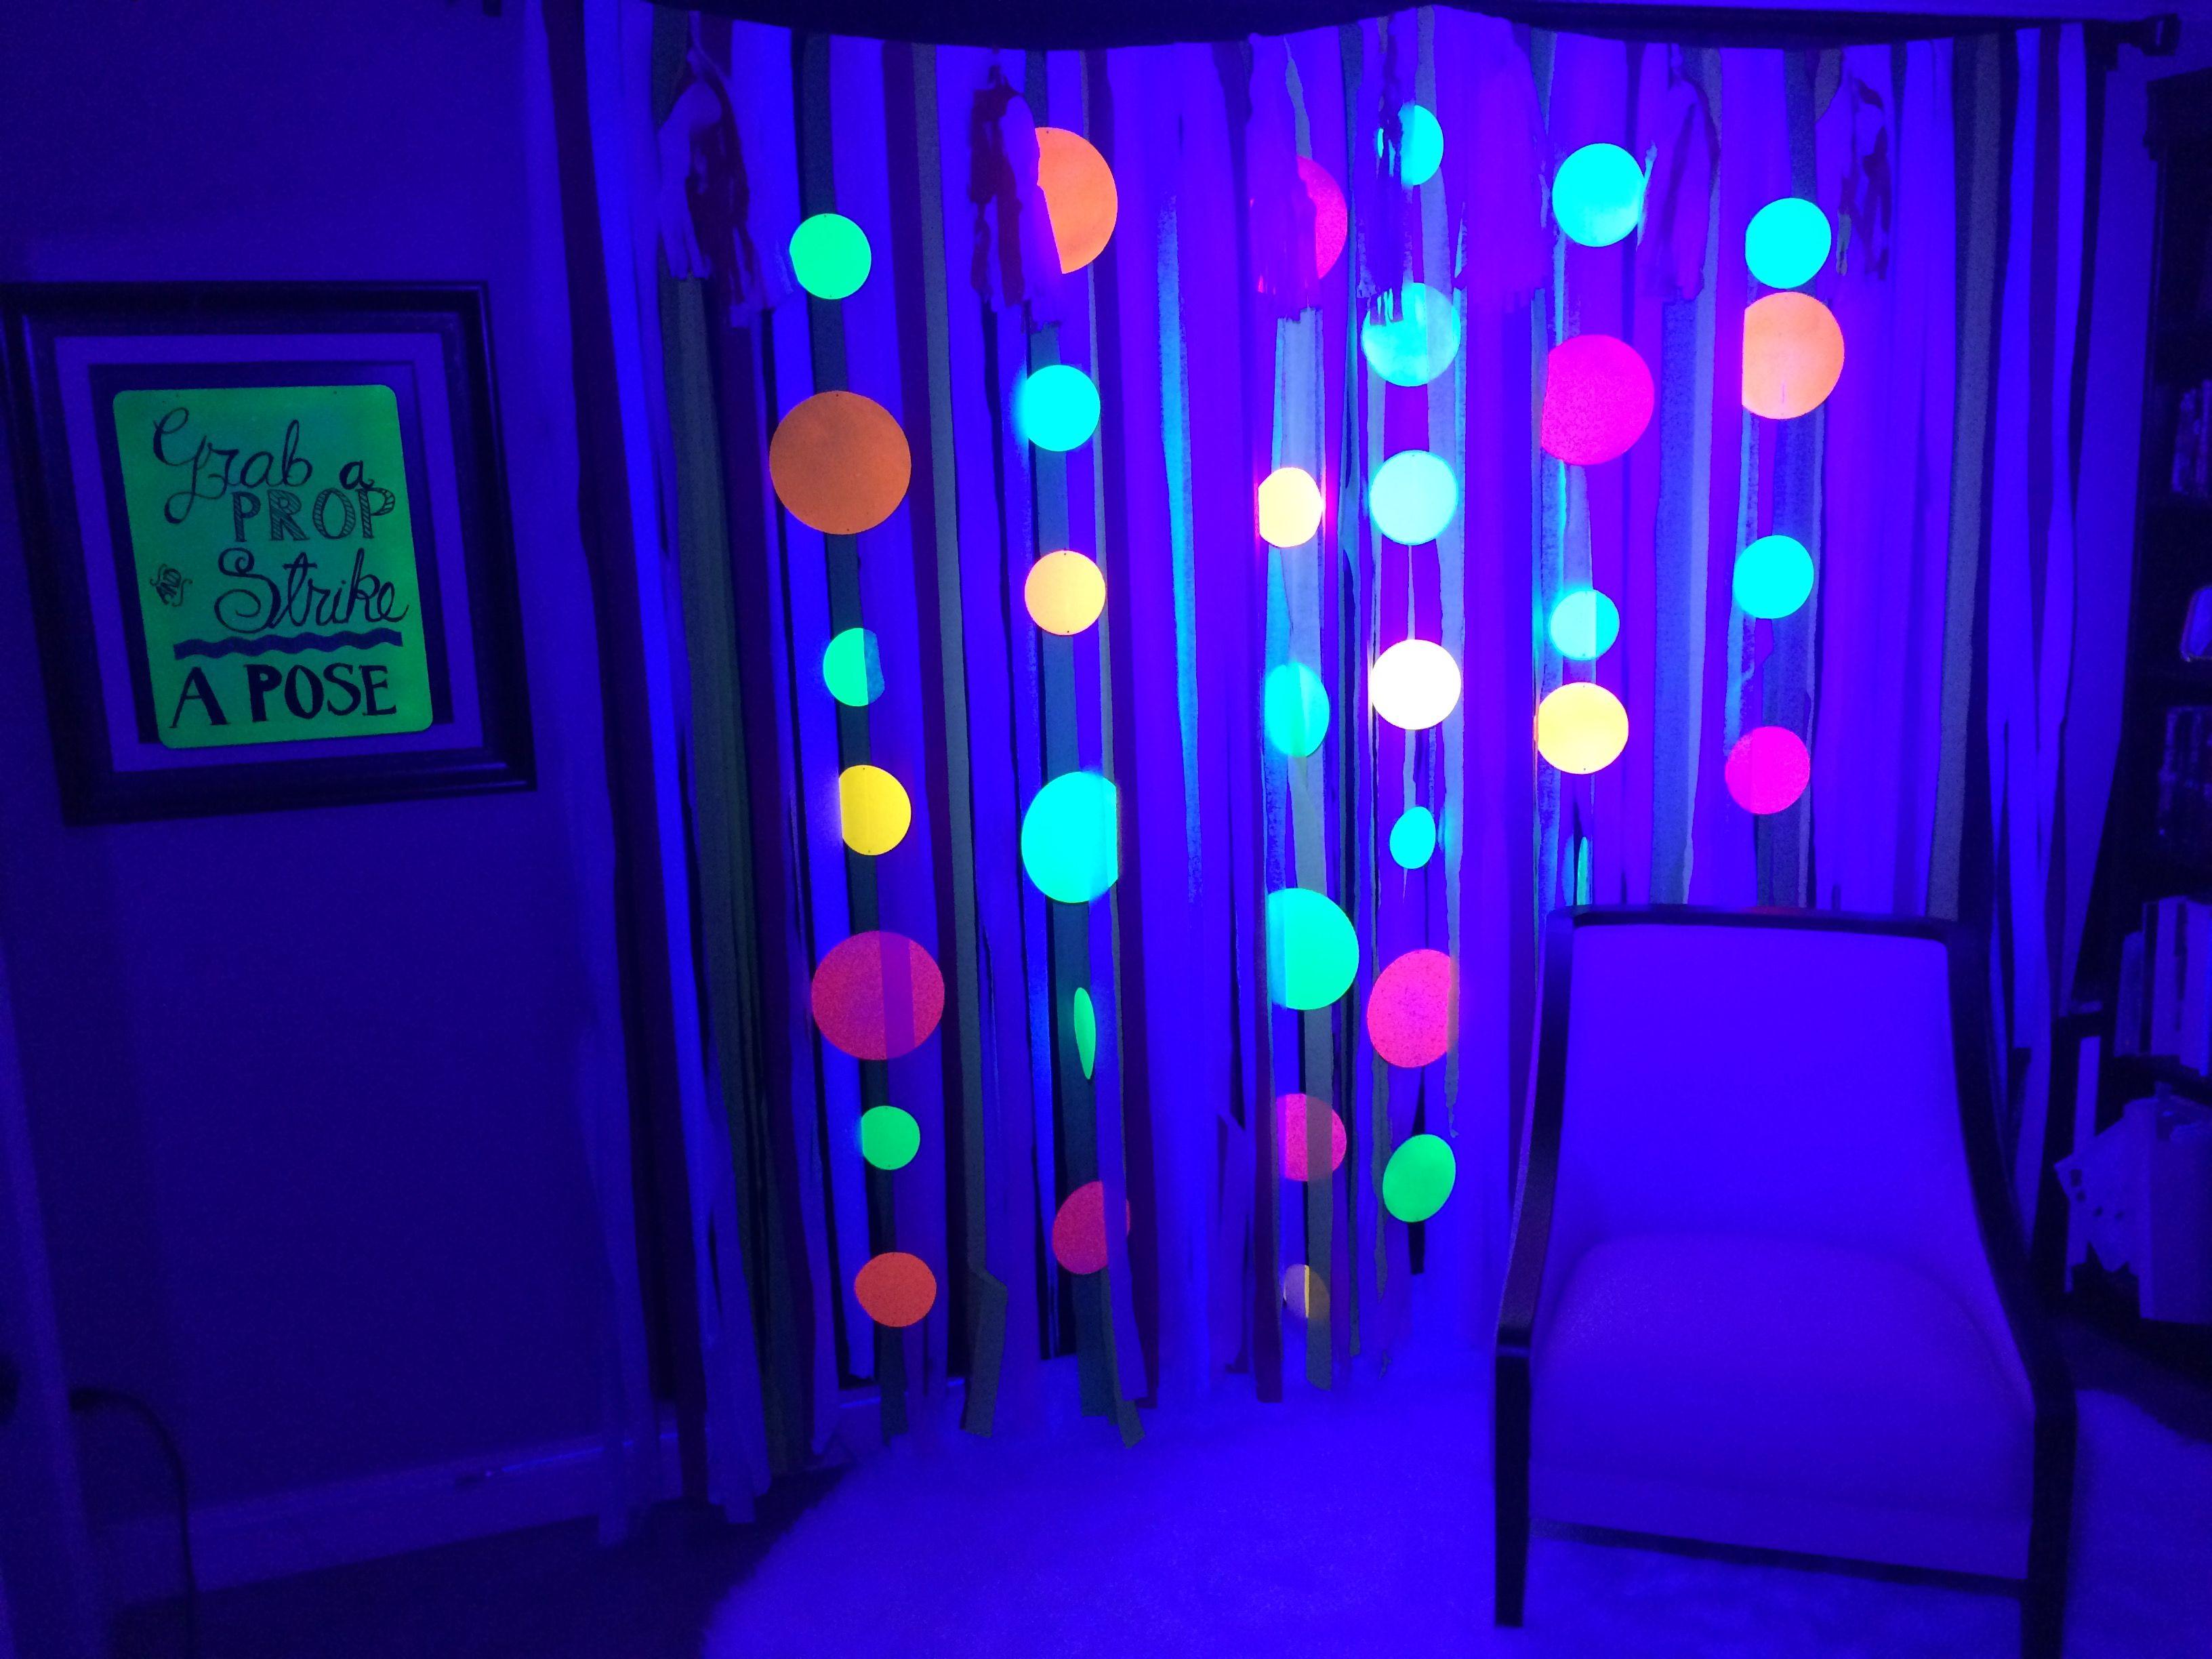 Glow in the dark PHOTO BOOTH Glow Run Pinterest Photo booth - glow in the dark halloween decorations